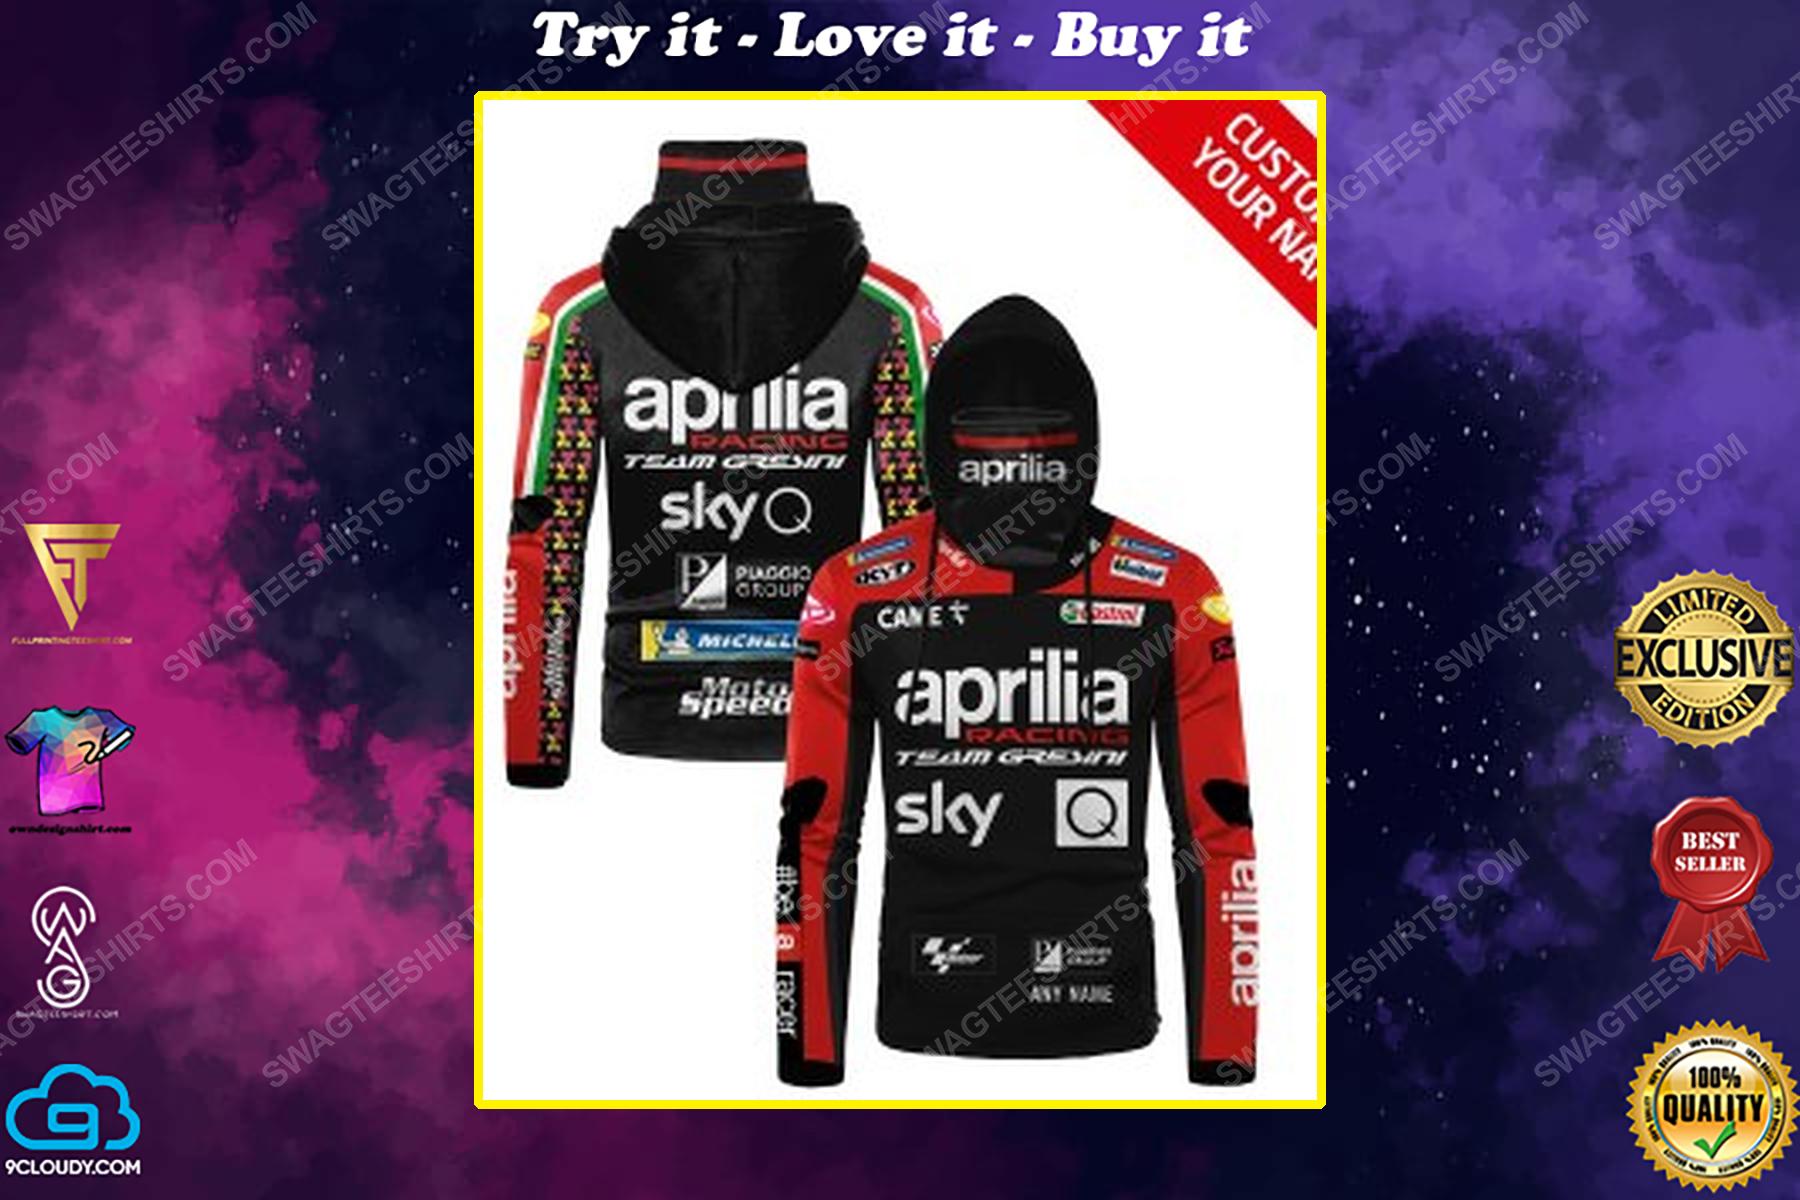 Custom name aprilia racing team gresini full print mask hoodie